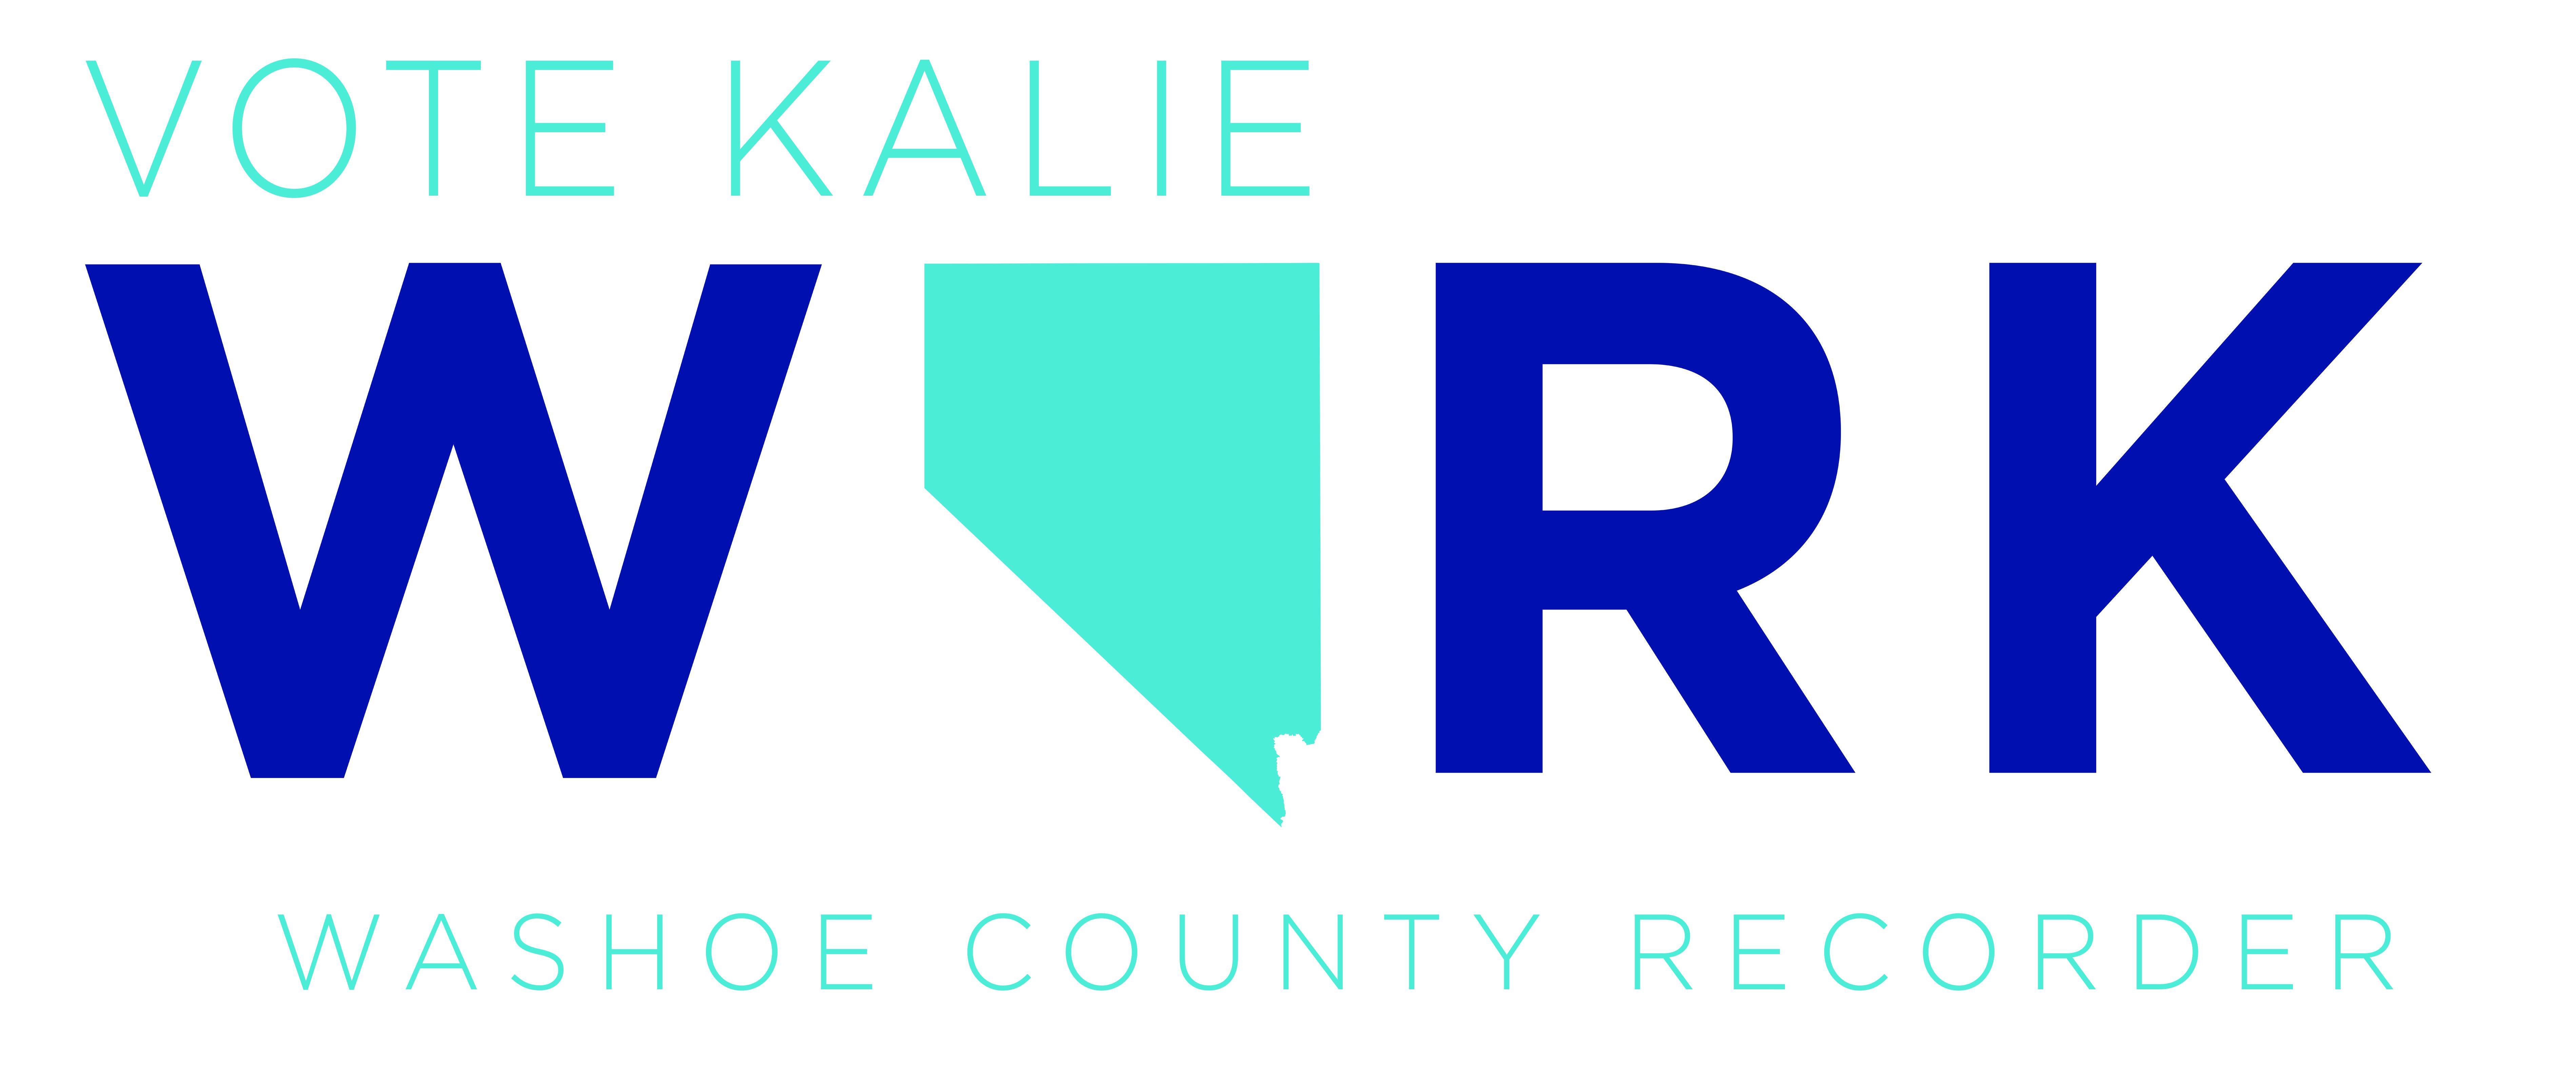 Kalie Work